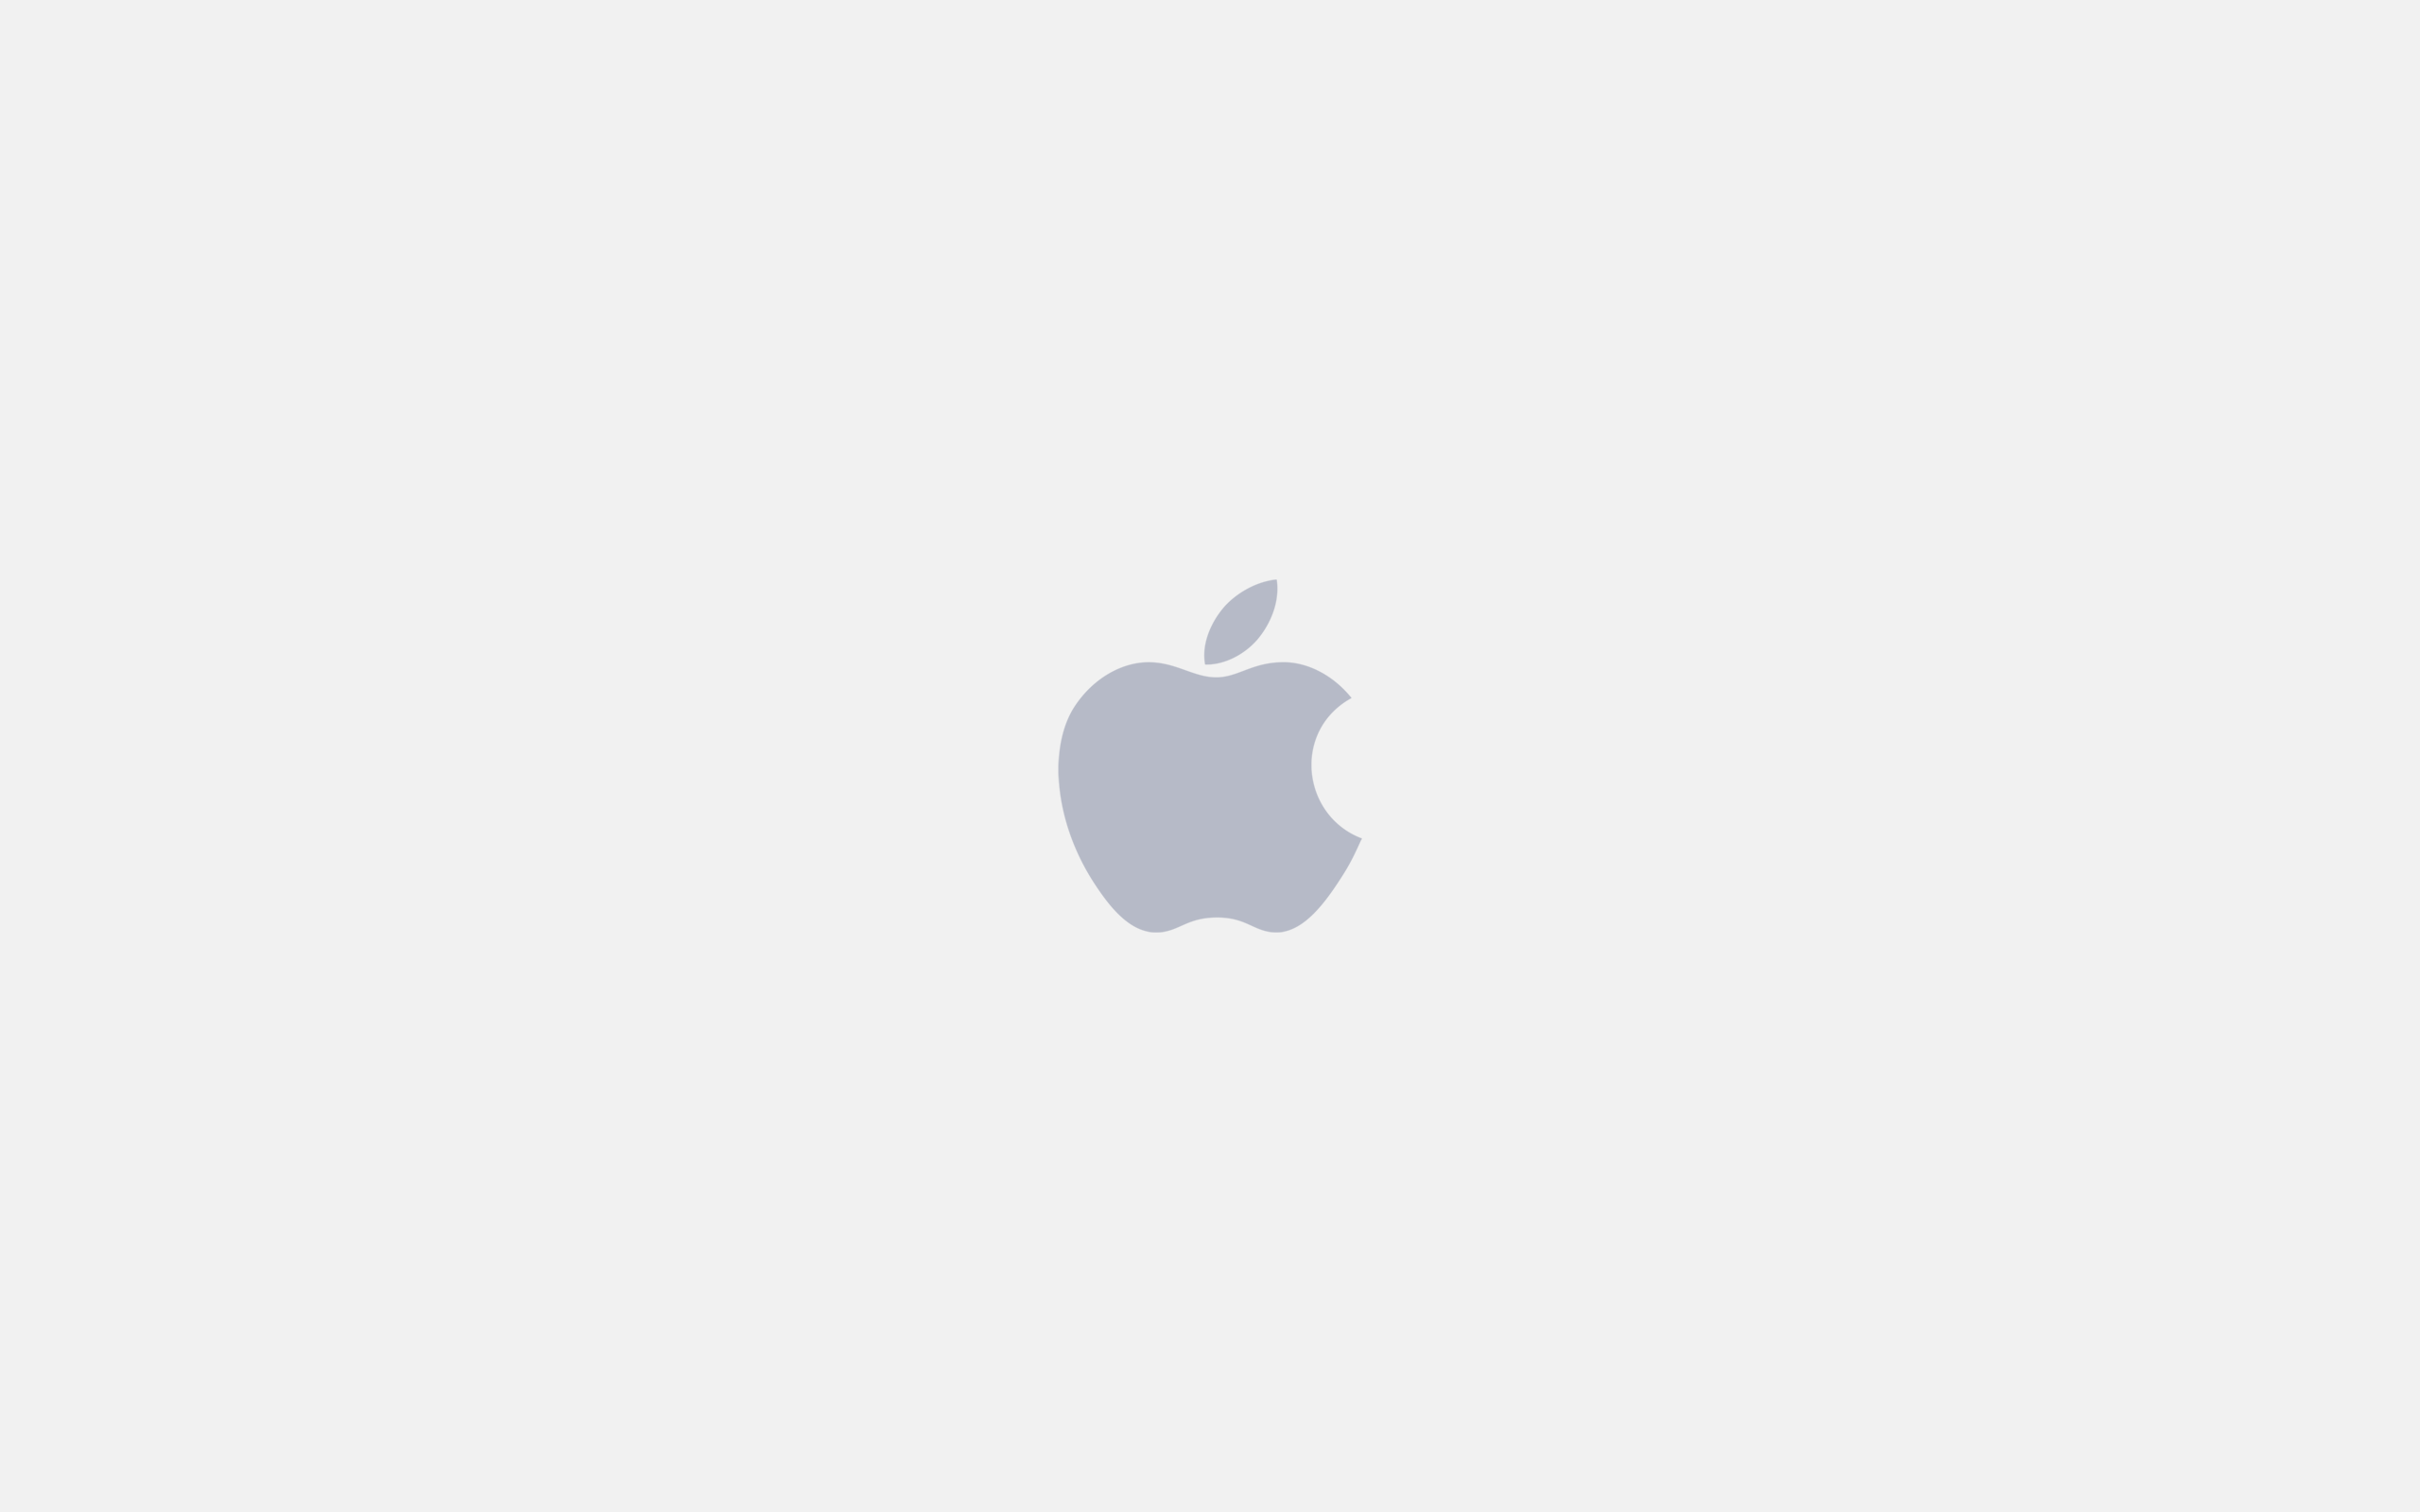 ... White Apple Logo Wallpaper